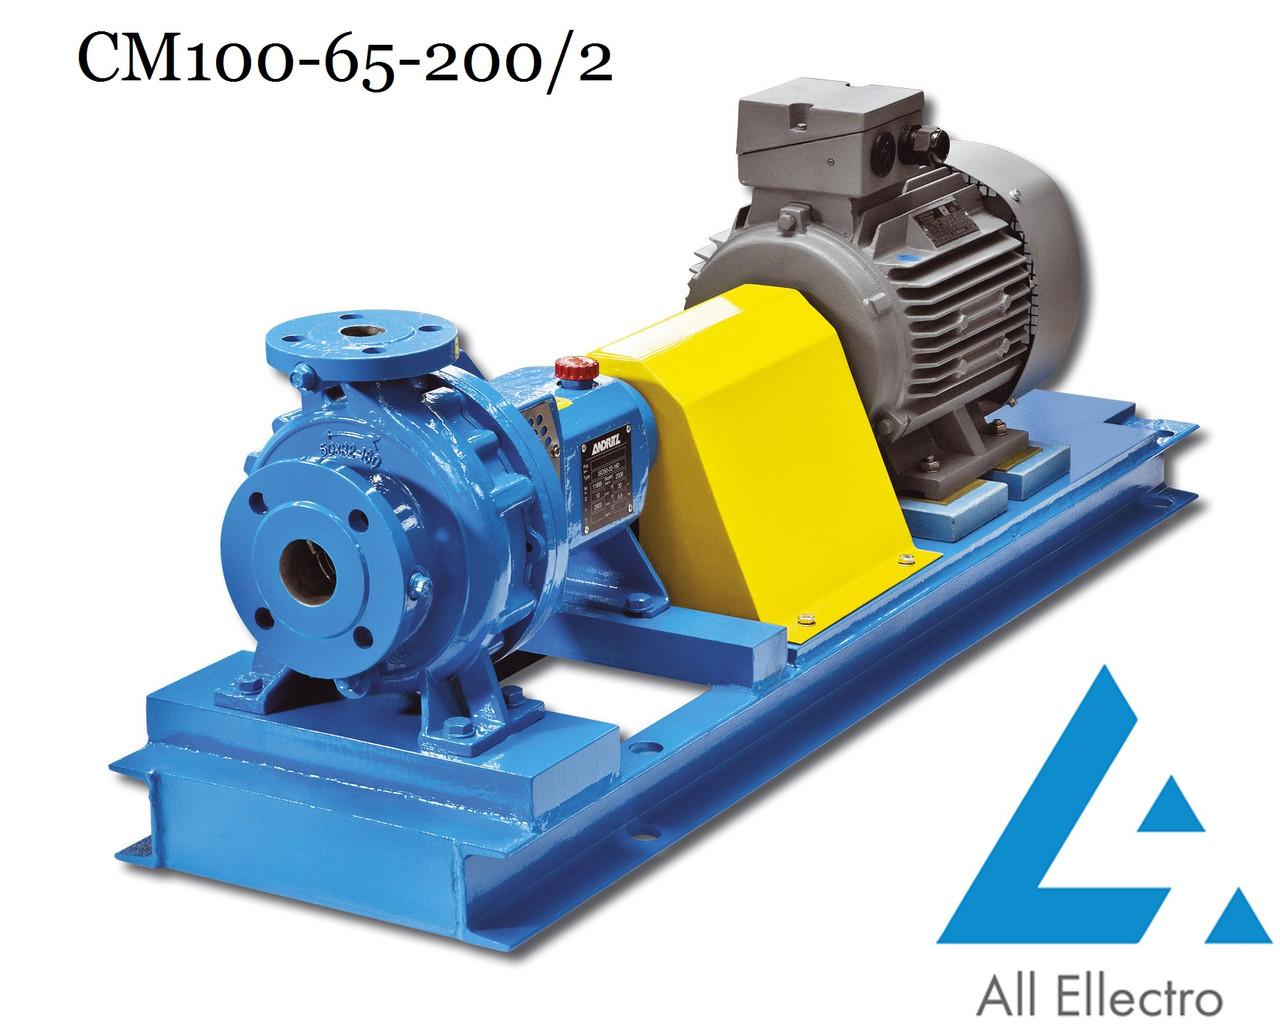 Насос СМ100-65-200/2 (насос СМ 100-65-200/2)